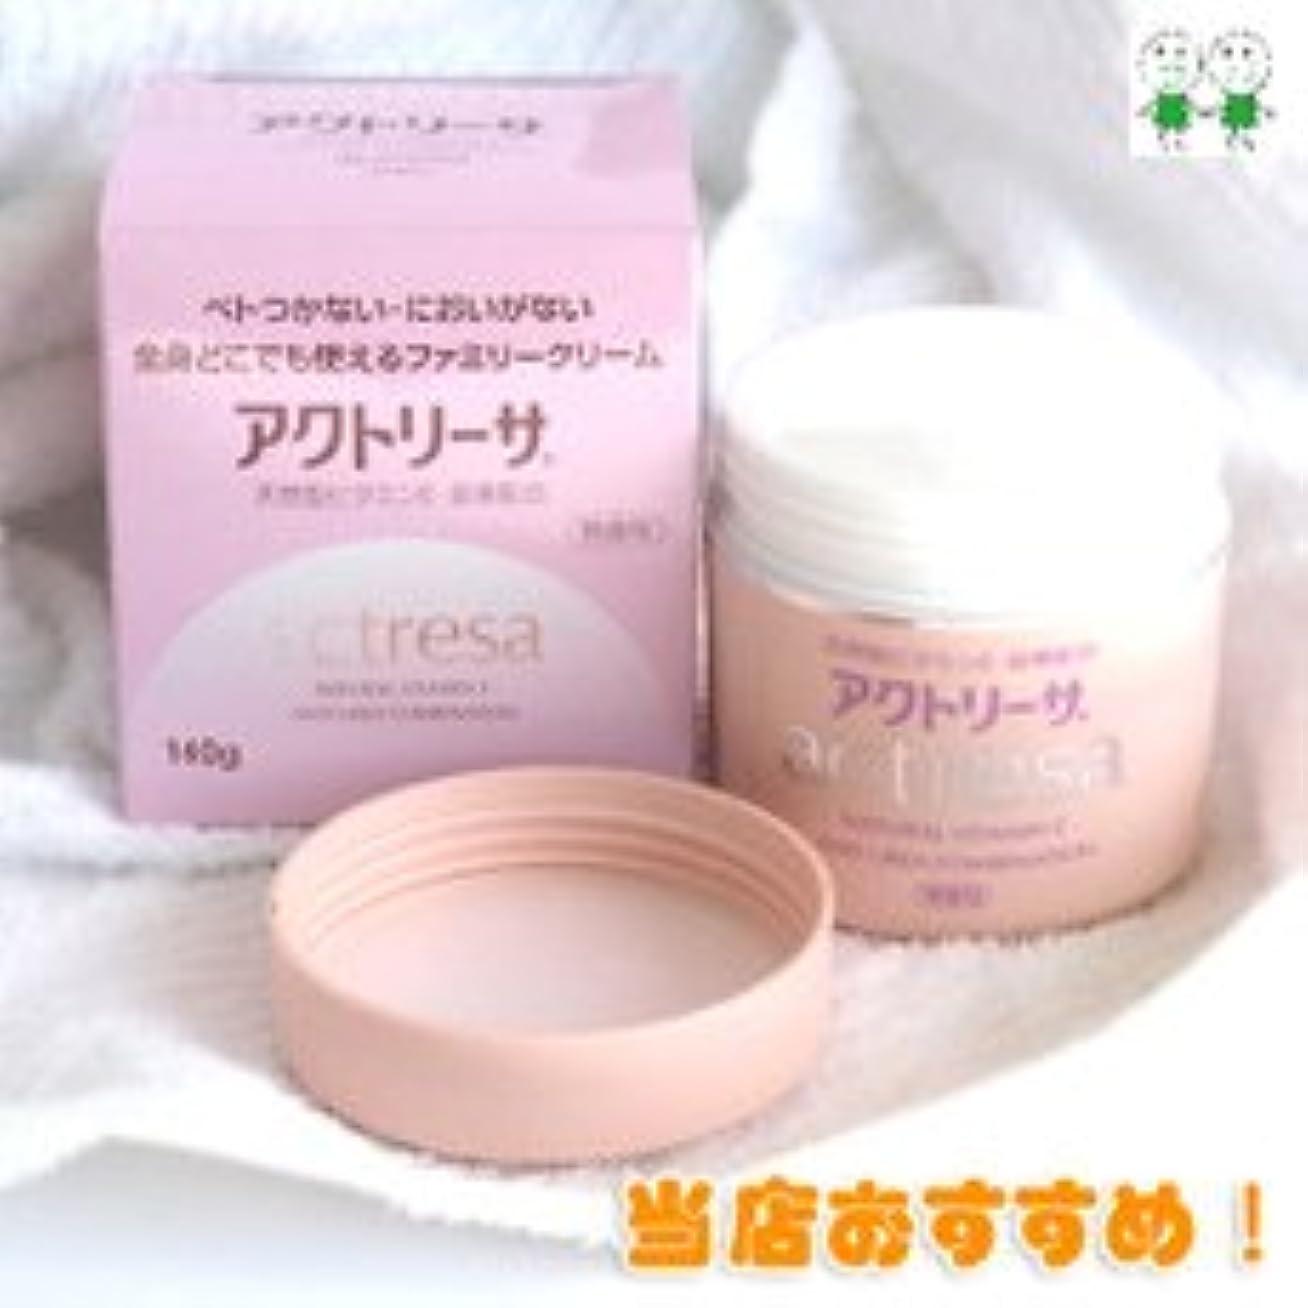 昼寝ソケット風刺東和製薬 医薬部外品アクトリーサ ハンドクリーム (140g)